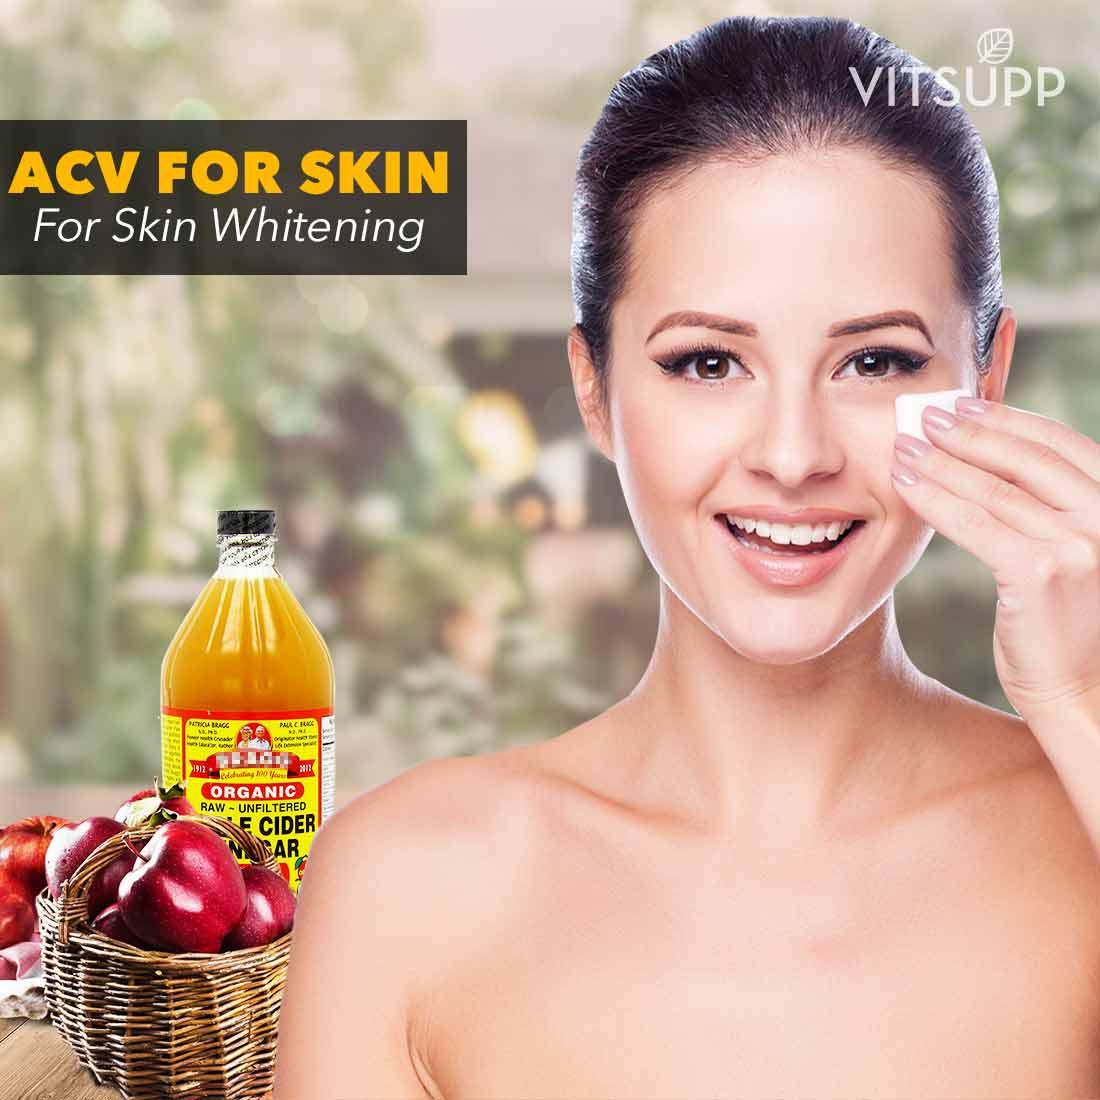 apple cider vinegar for skin whitening review